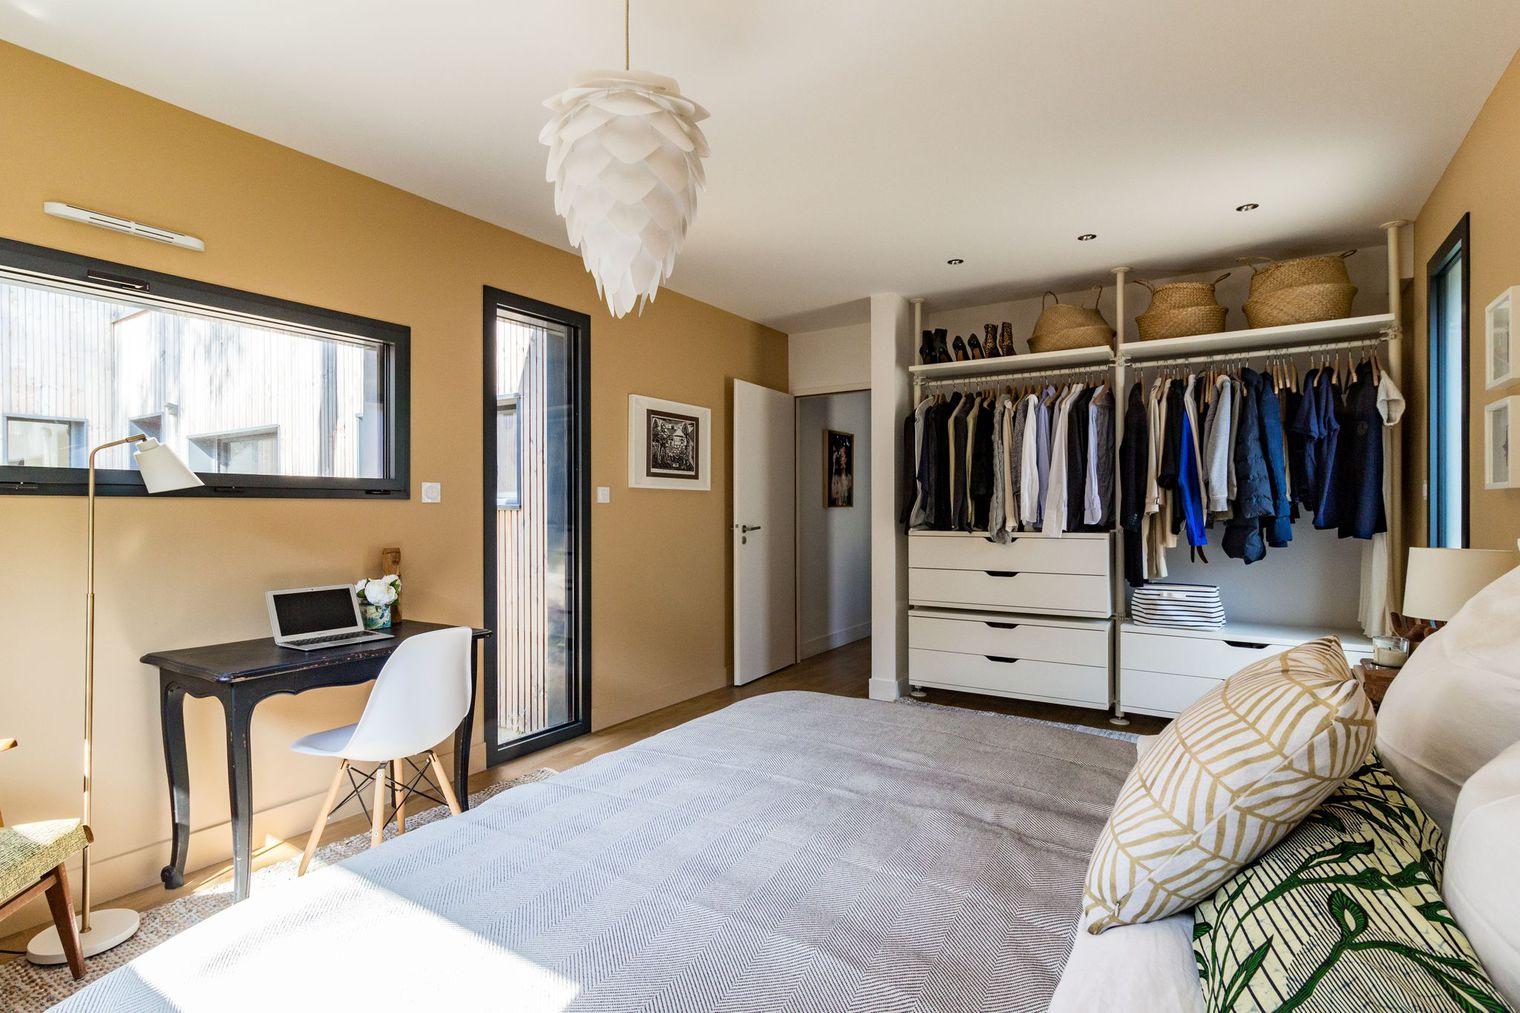 Ruime lichte slaapkamer van Caroline en Ryan | Slaapkamer ideeën